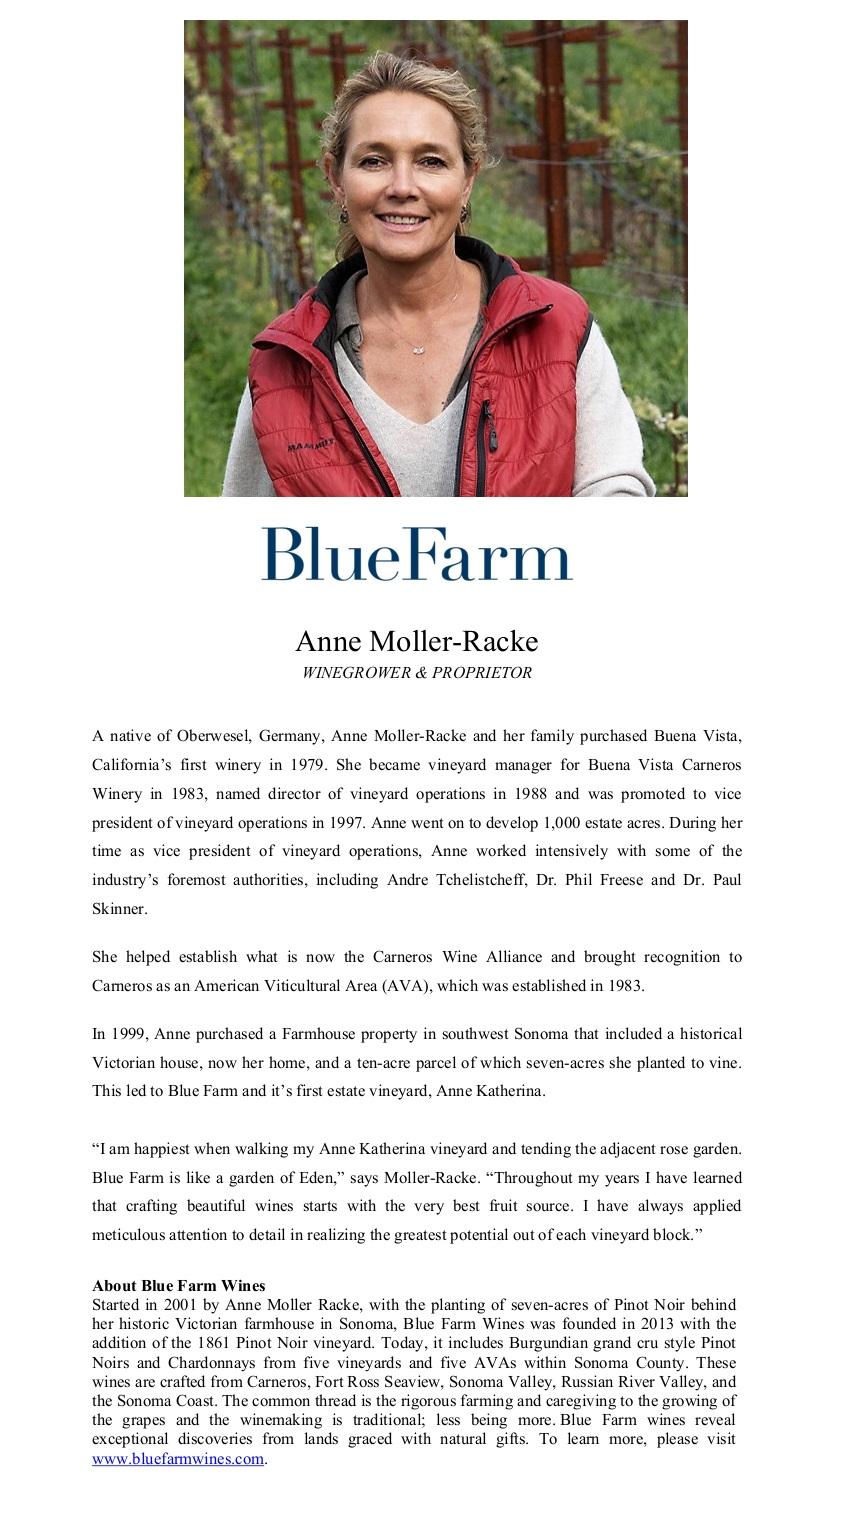 Blue Farm_Anne Moller-Racke_BIO